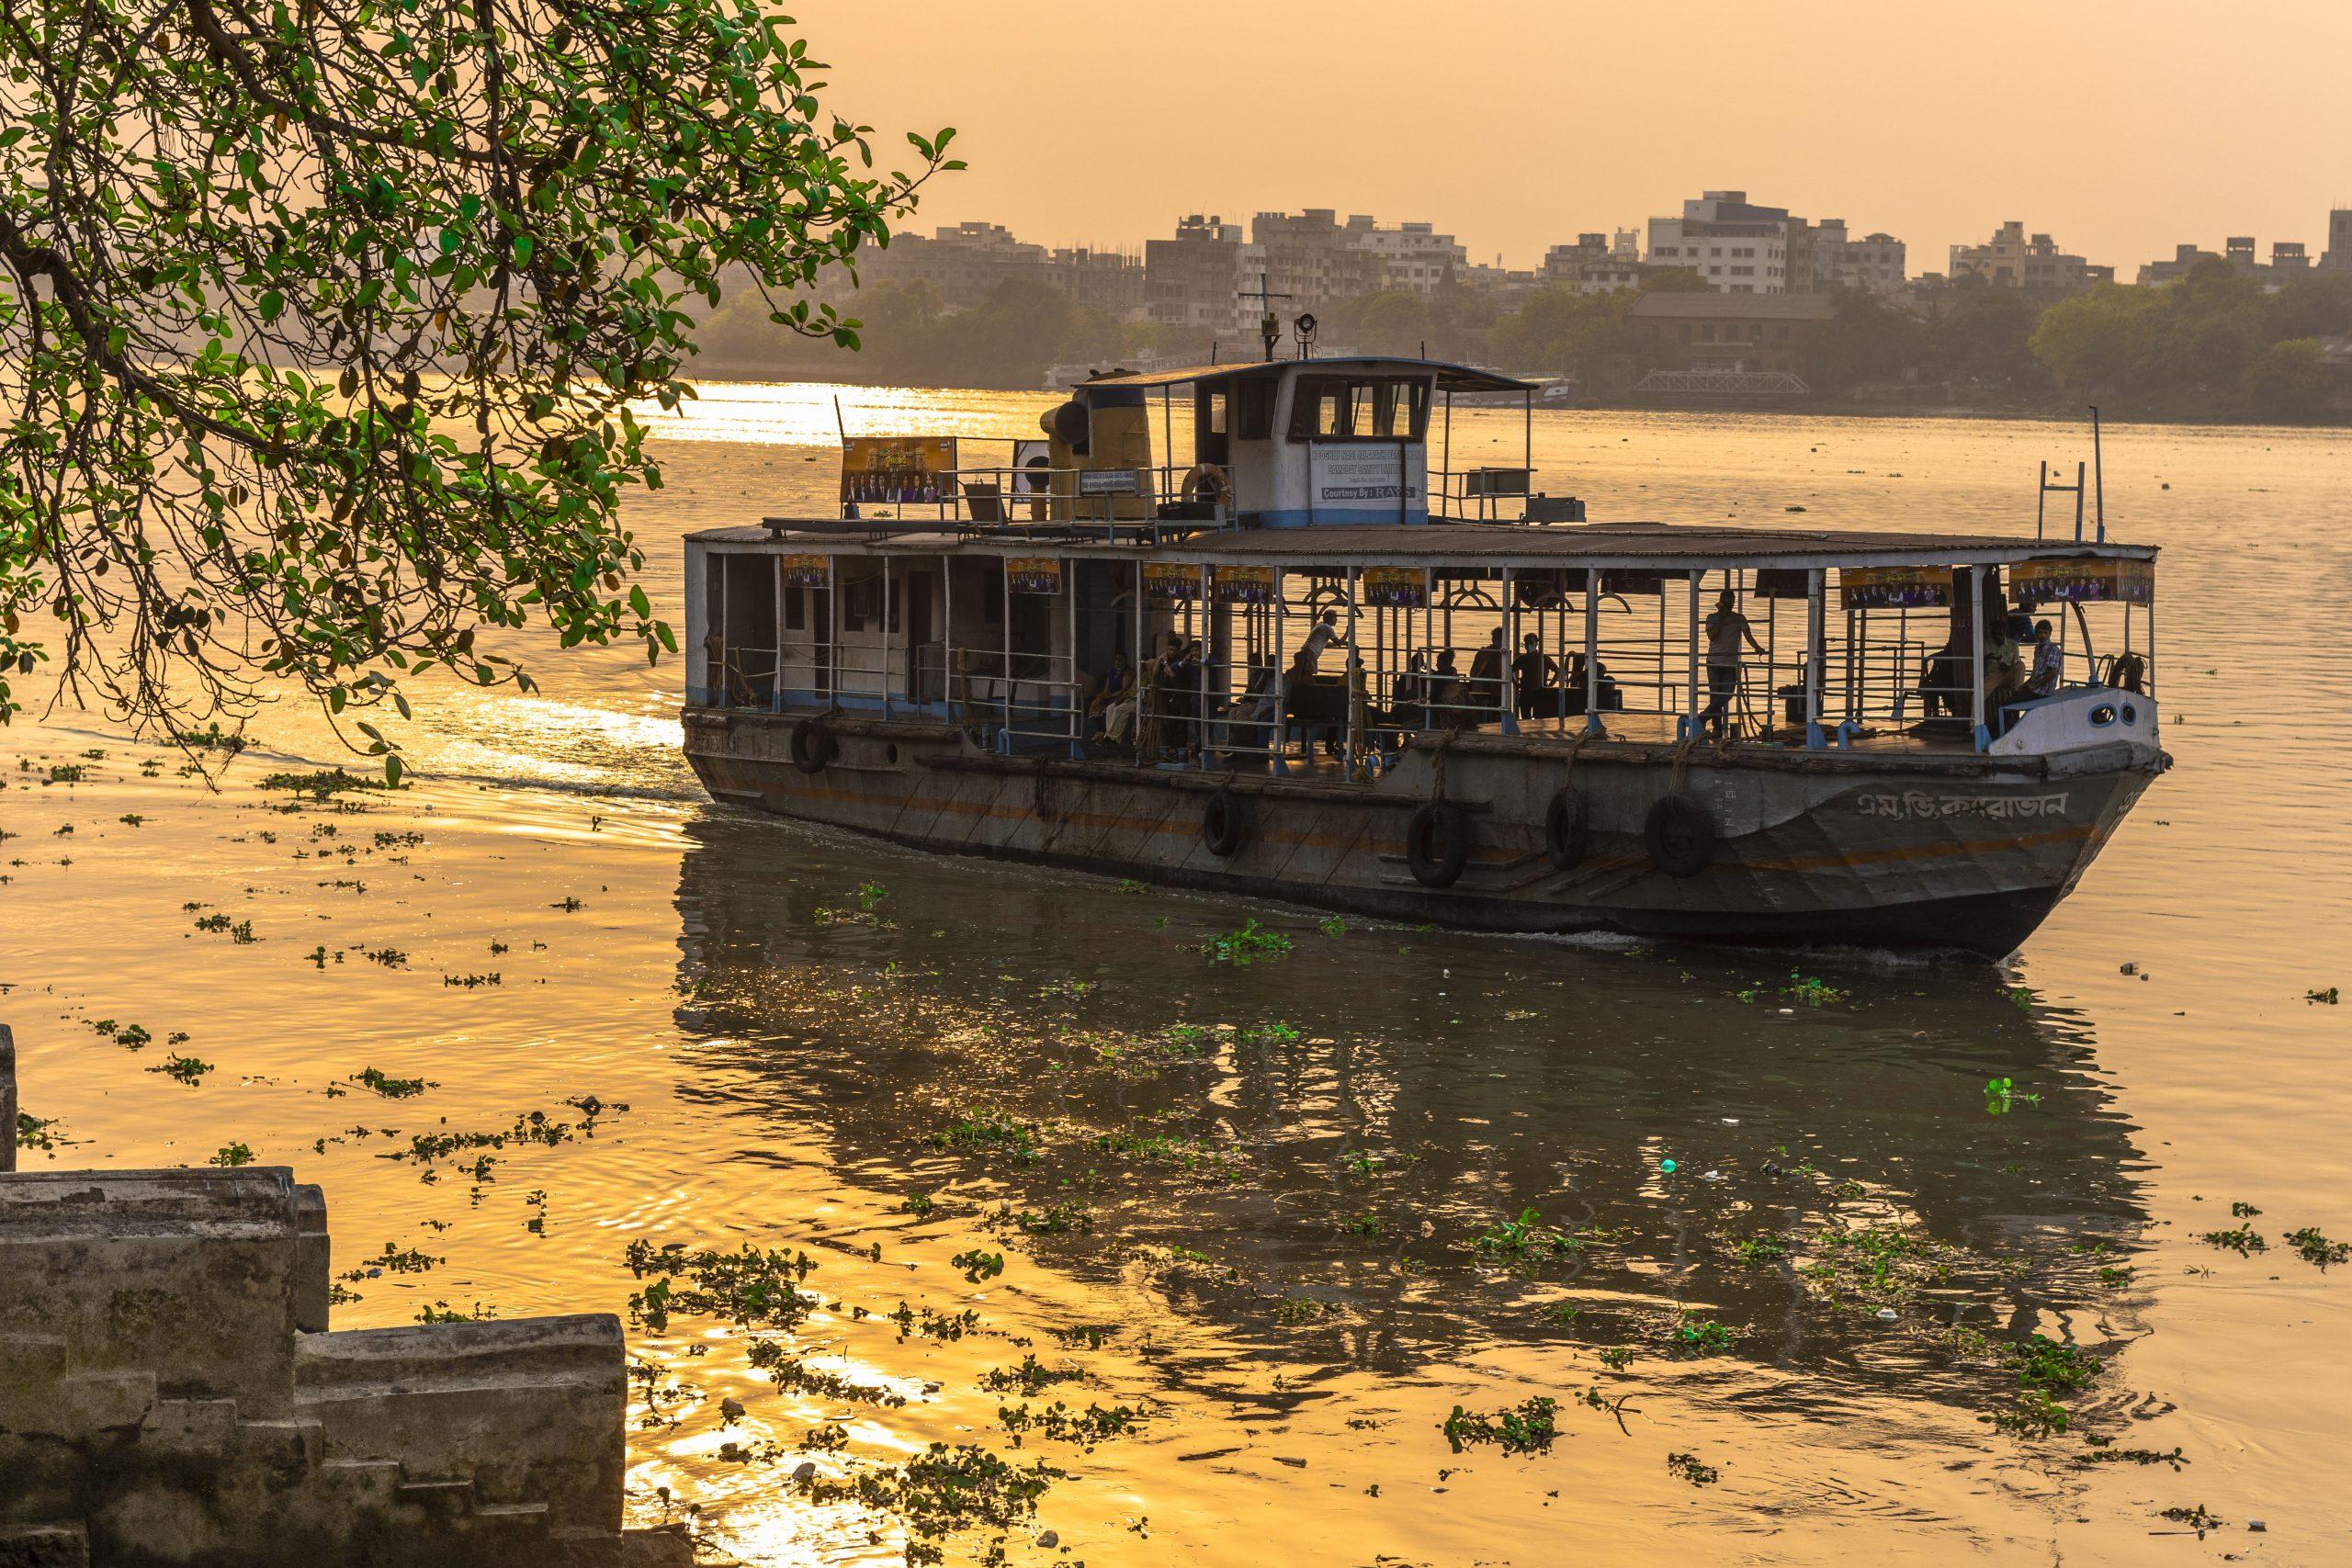 Passenger boat in Ganga river